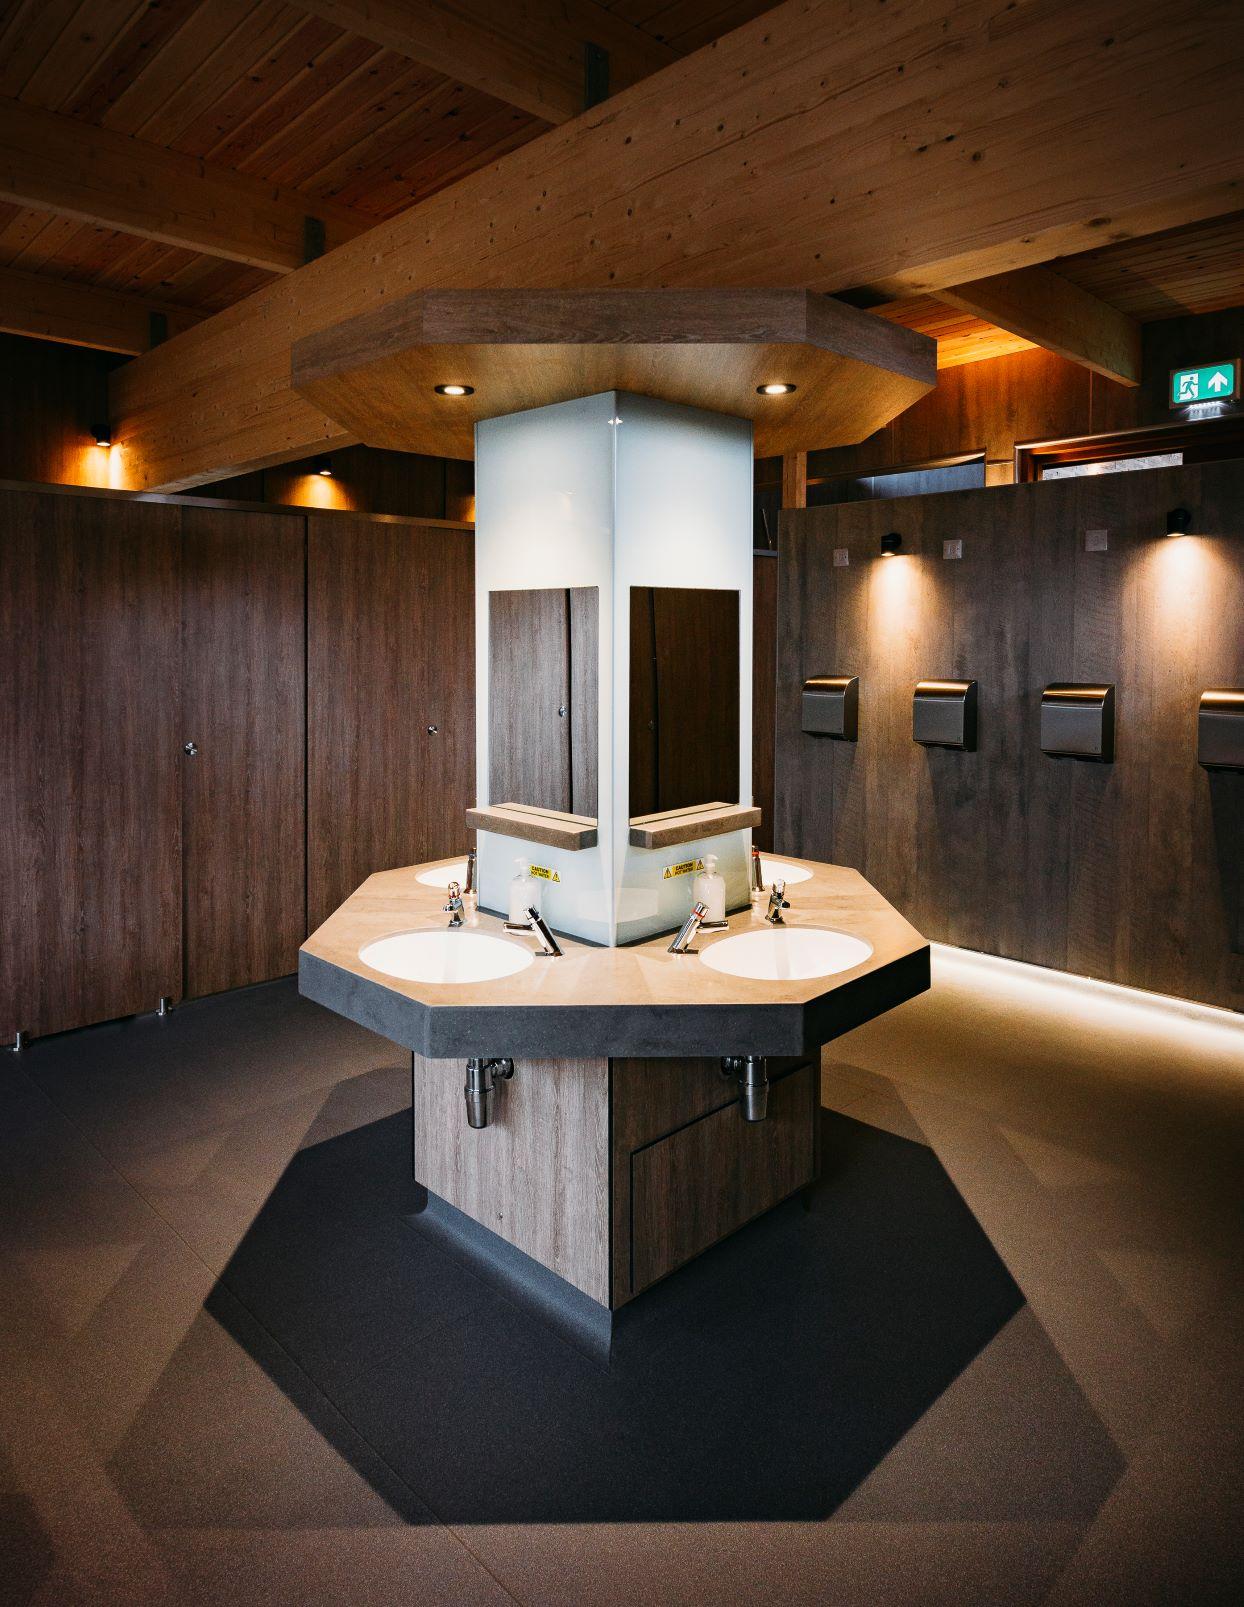 Washbasins new shower complex